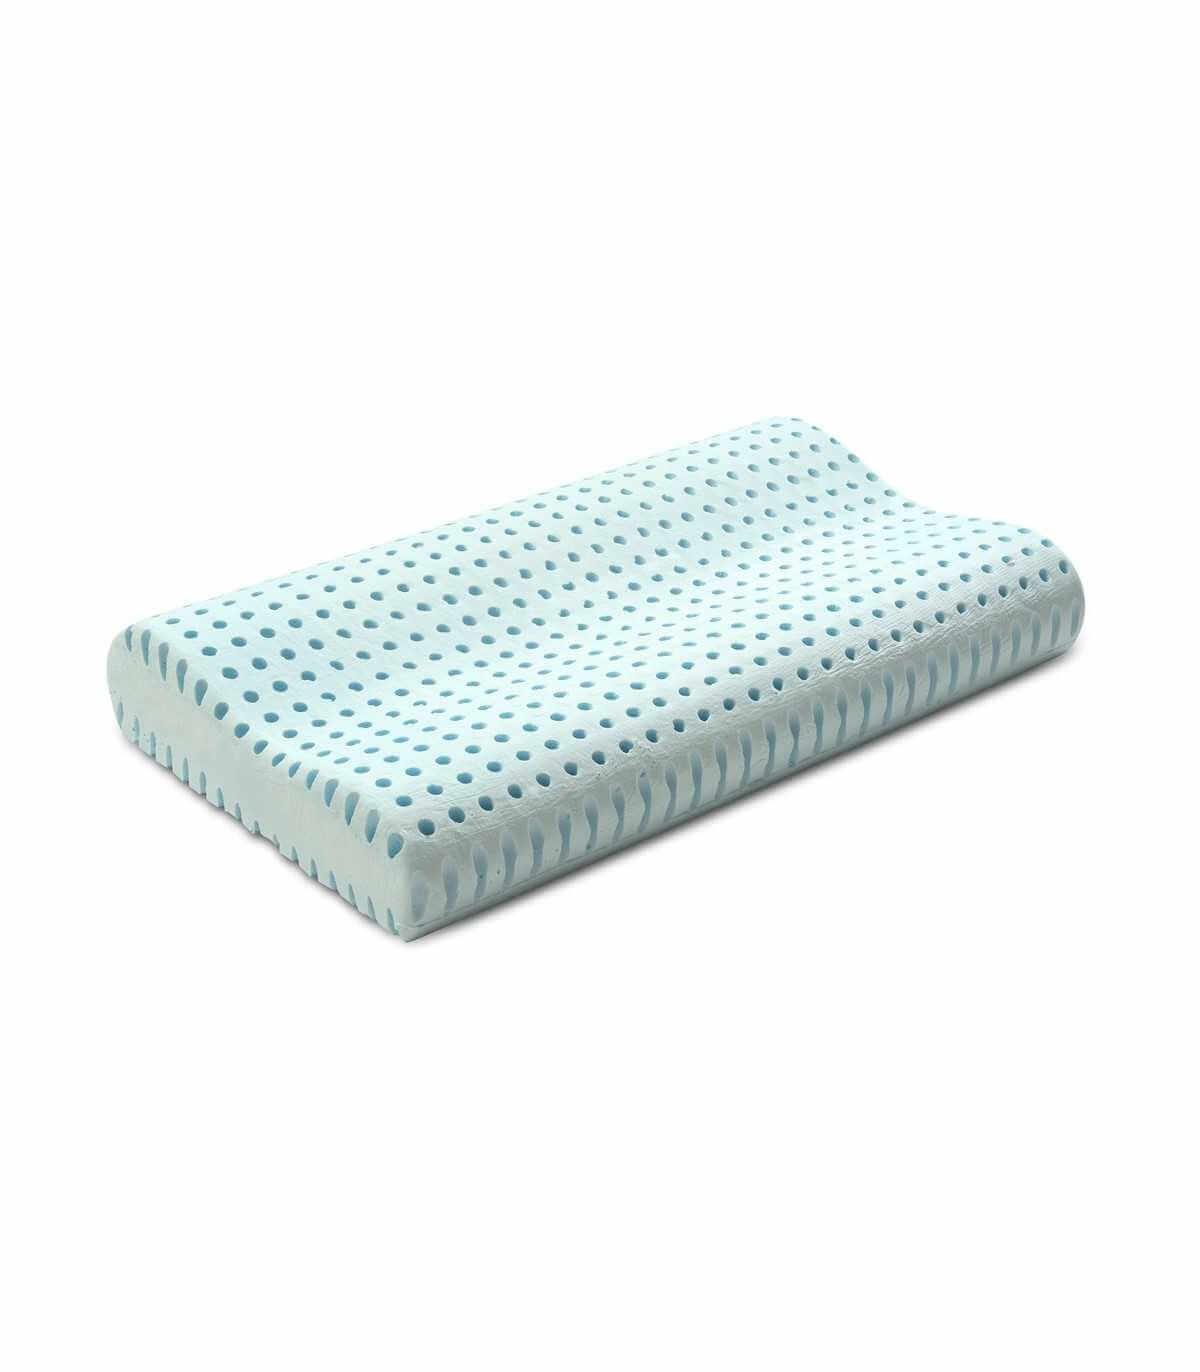 Cuscino Memory Foam Per Cervicale.Cuscino Per Cervicale In Memory Foam Con Cover In Cooler Fresh